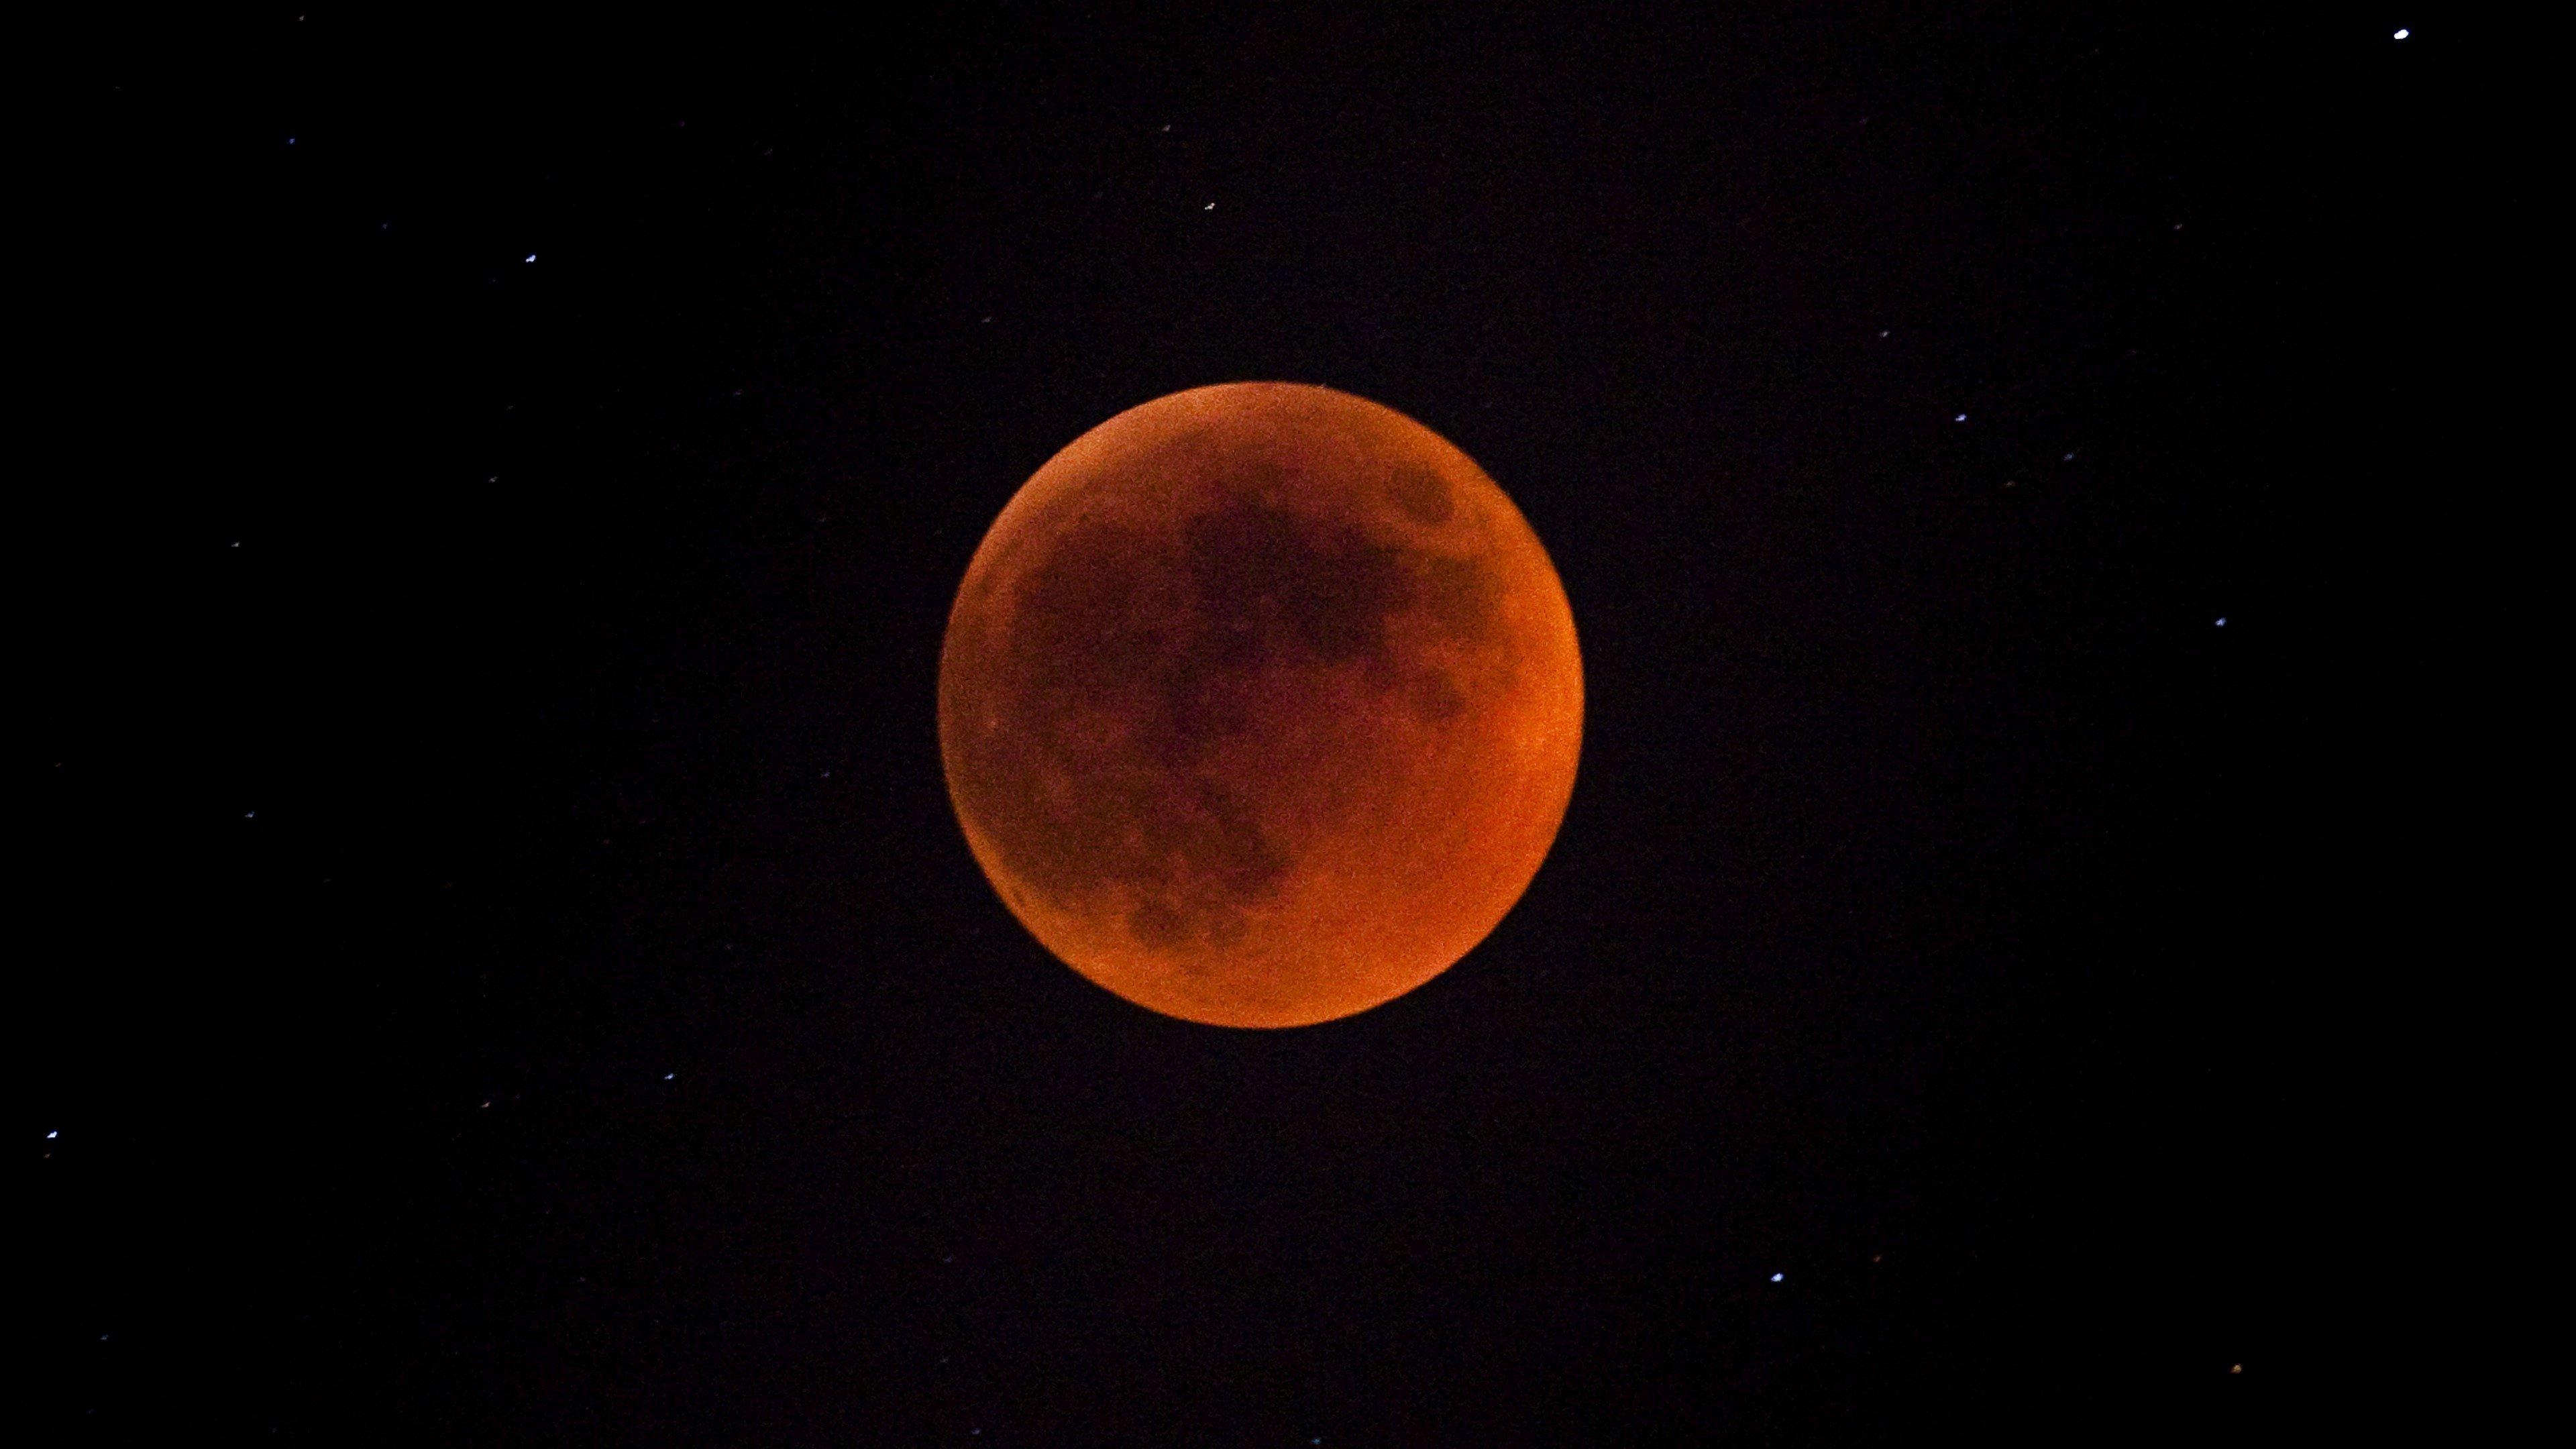 Fondo de pantalla de Eclipse lunar Imágenes